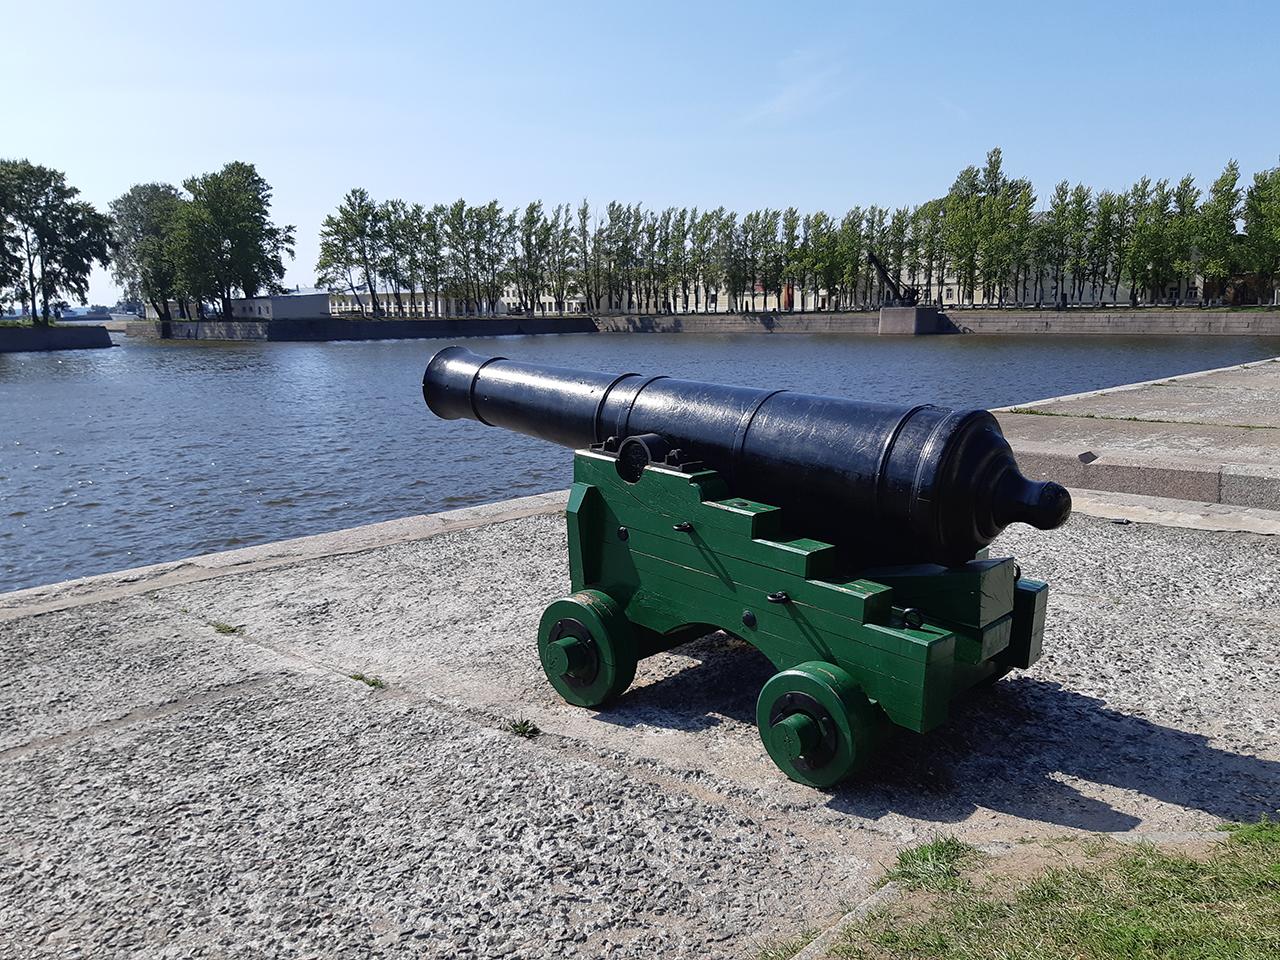 36-фунтовое гладкоствольное орудие на морском станке. Набережная Итальянского пруда. Кронштадт.